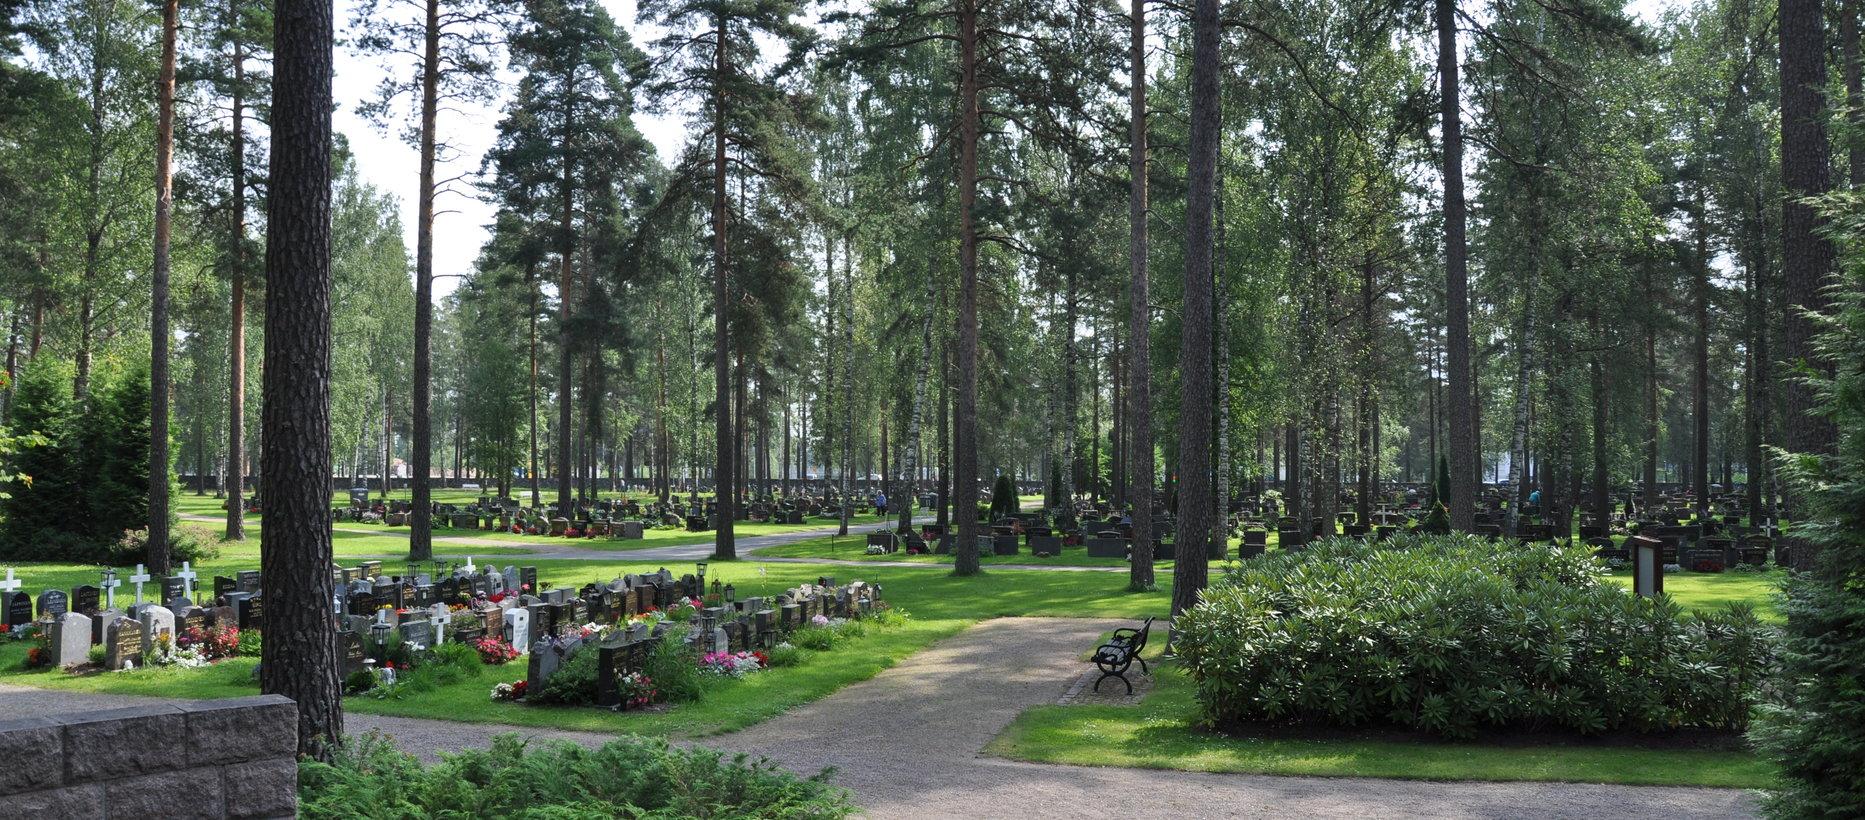 Ristikankaan hautausmaa